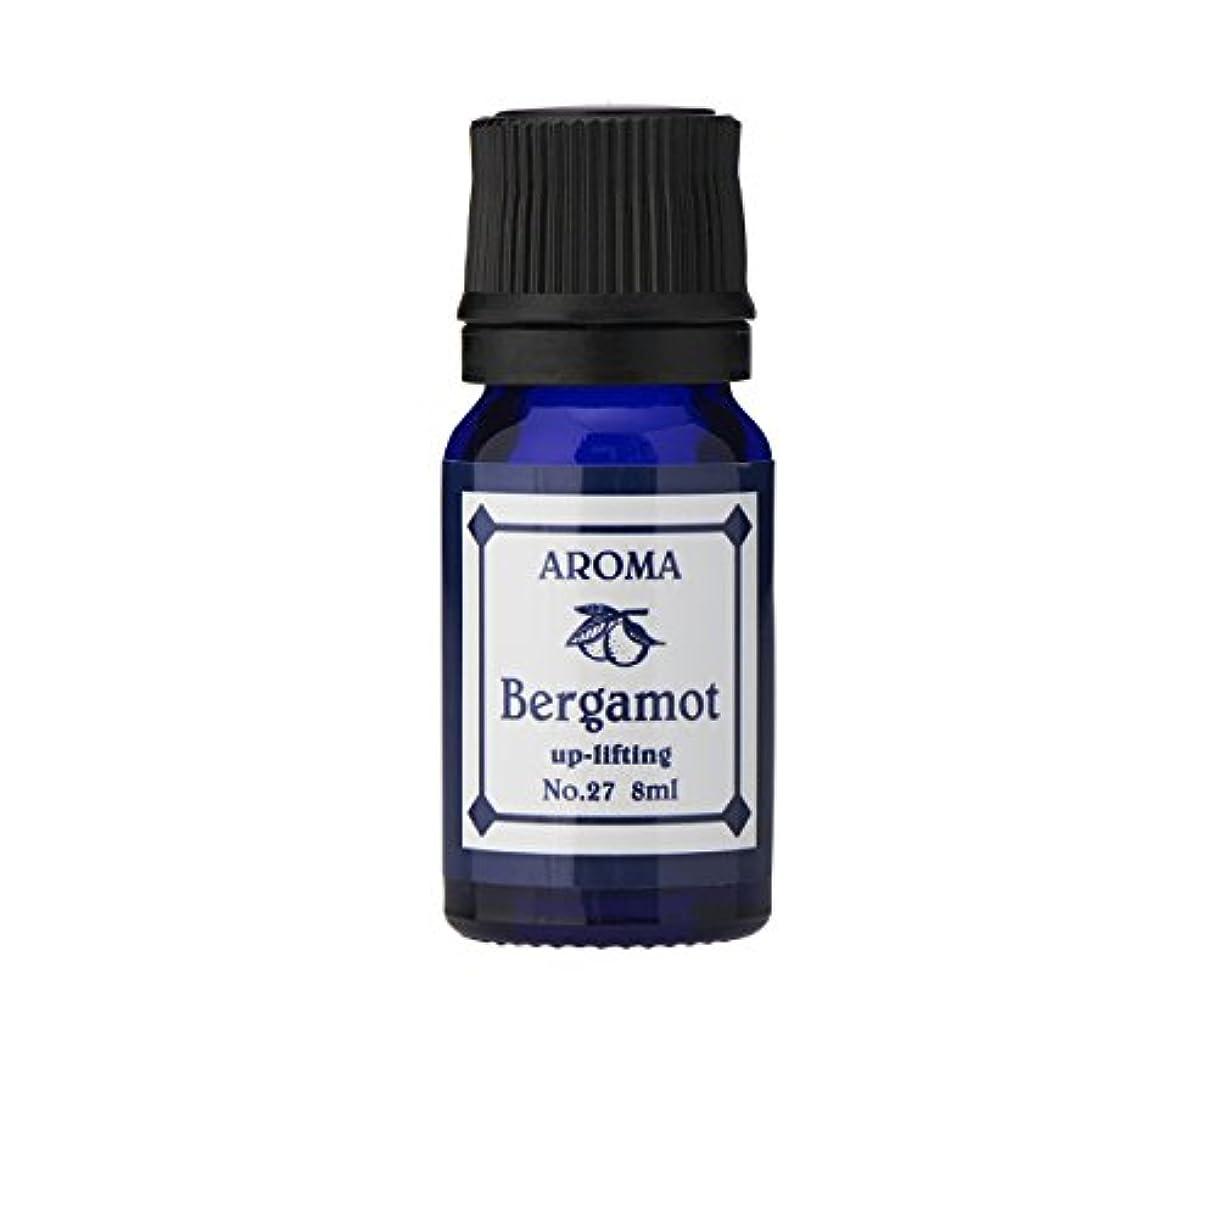 根拠テクスチャーヤギブルーラベル アロマエッセンス8ml ベルガモット(アロマオイル 調合香料 芳香用)